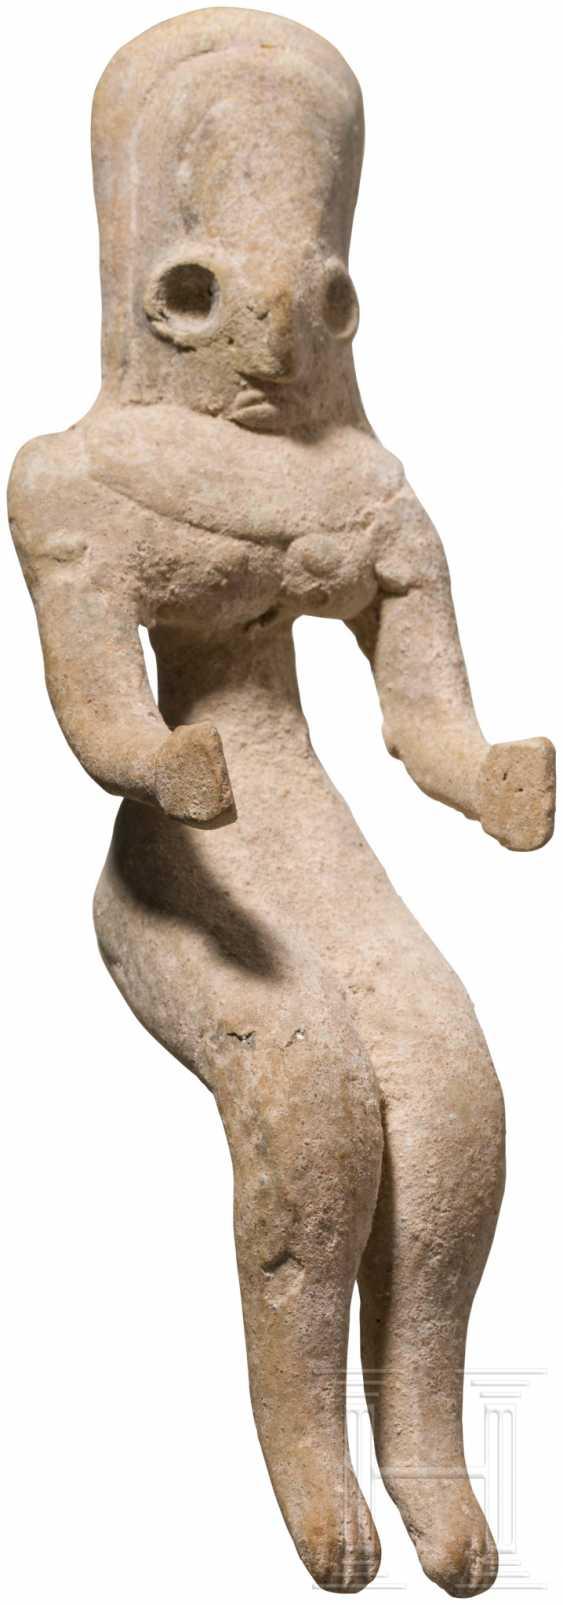 Женский Терракотовый Idol, Indus Valley Civilization, Пакистан-Северо-Западная Индия, 3. Тысячелетии до н. э. - фото 1